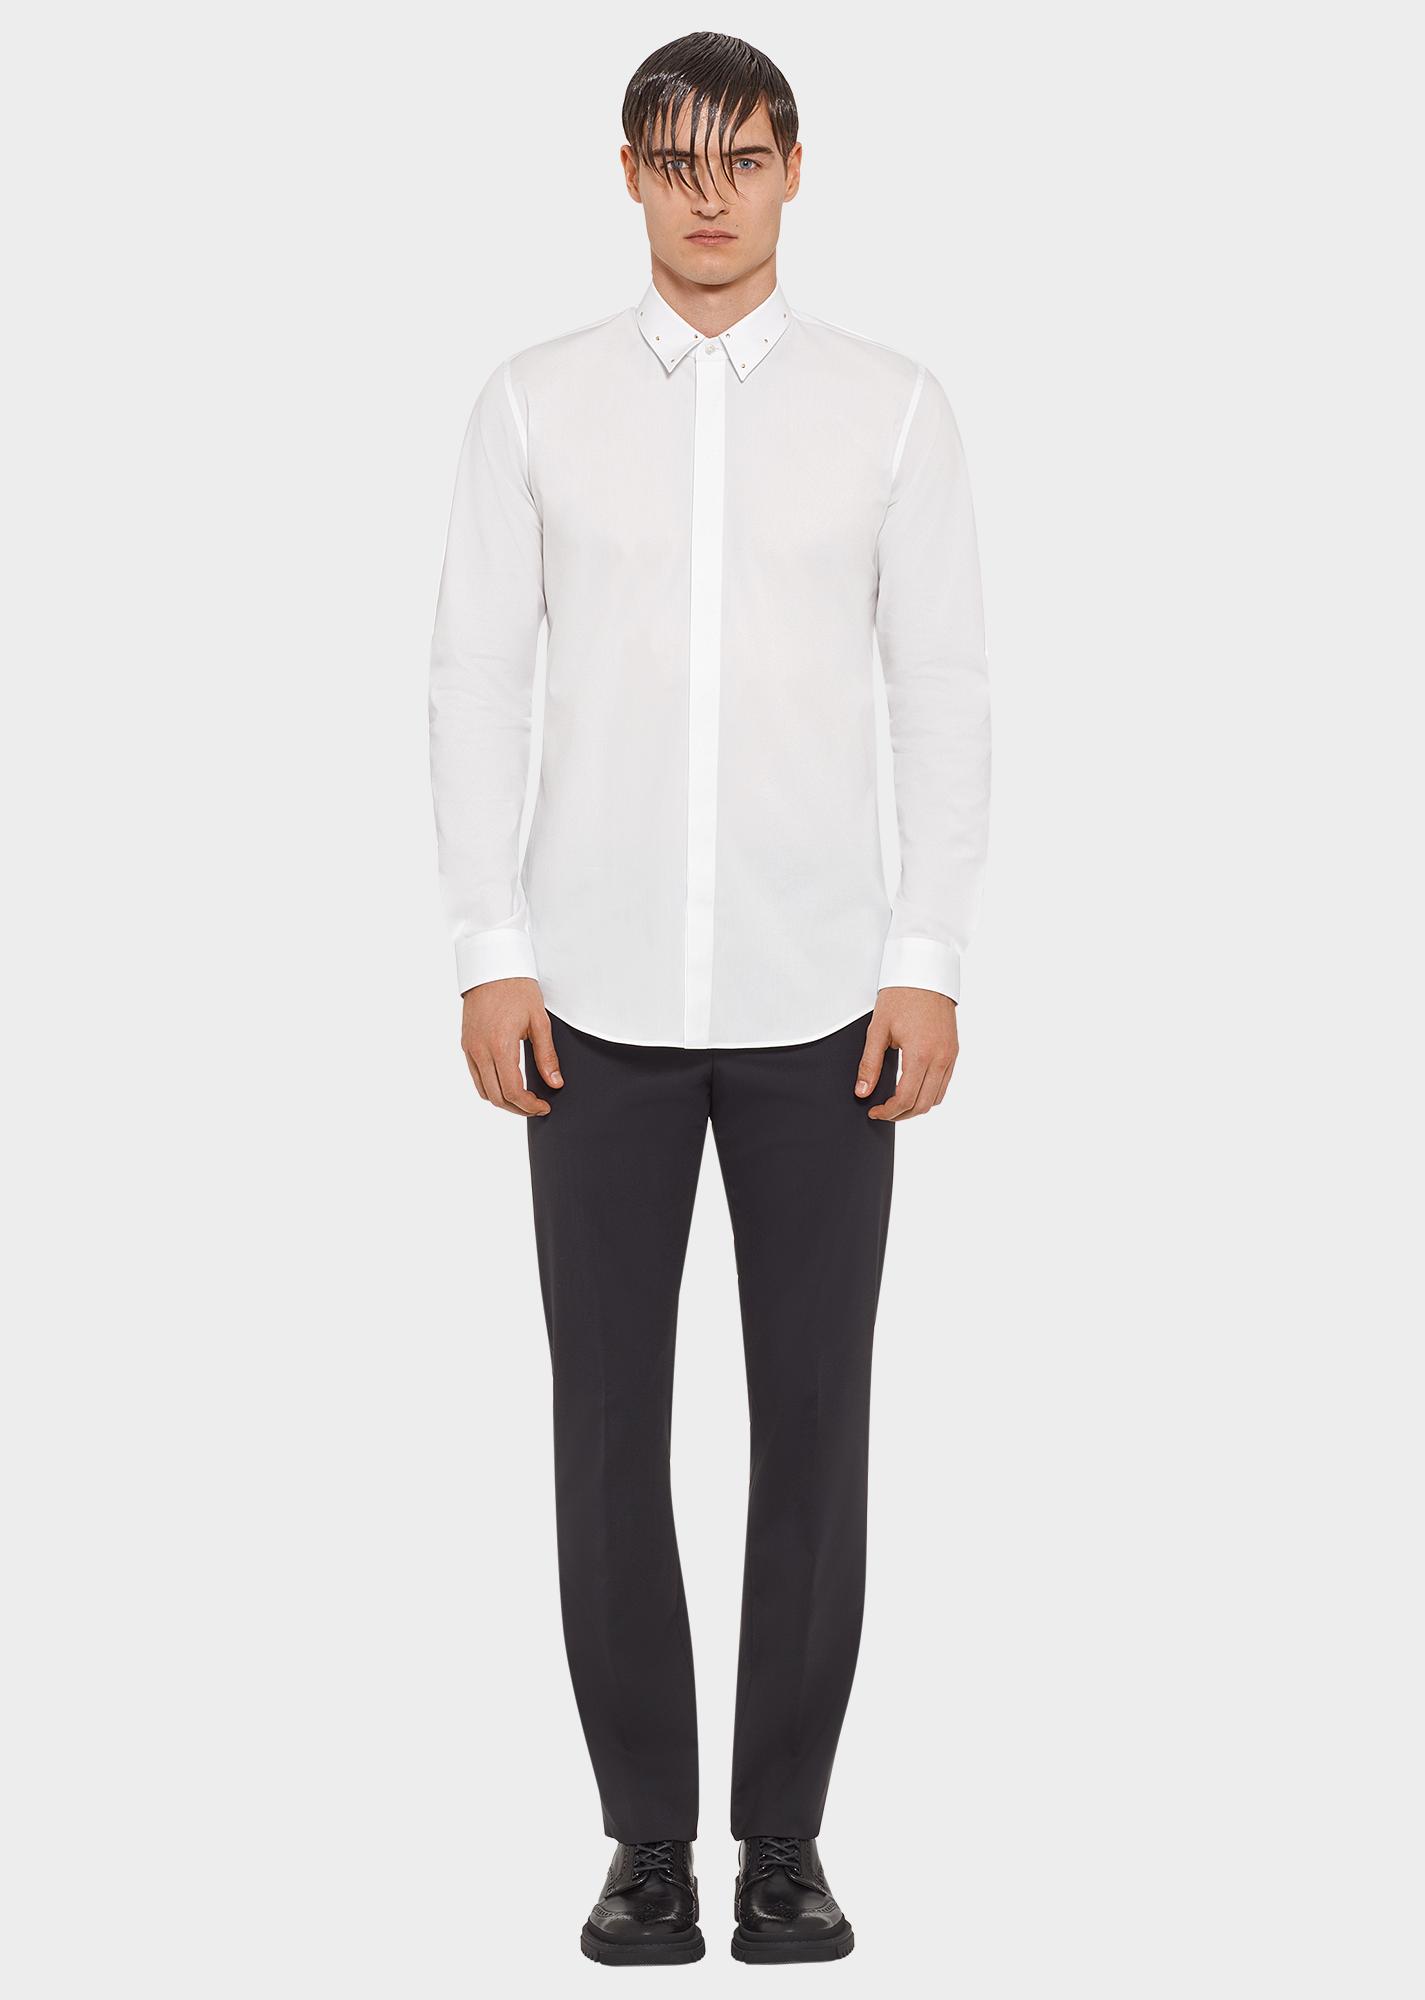 PNG Shirt And Pants - 87508